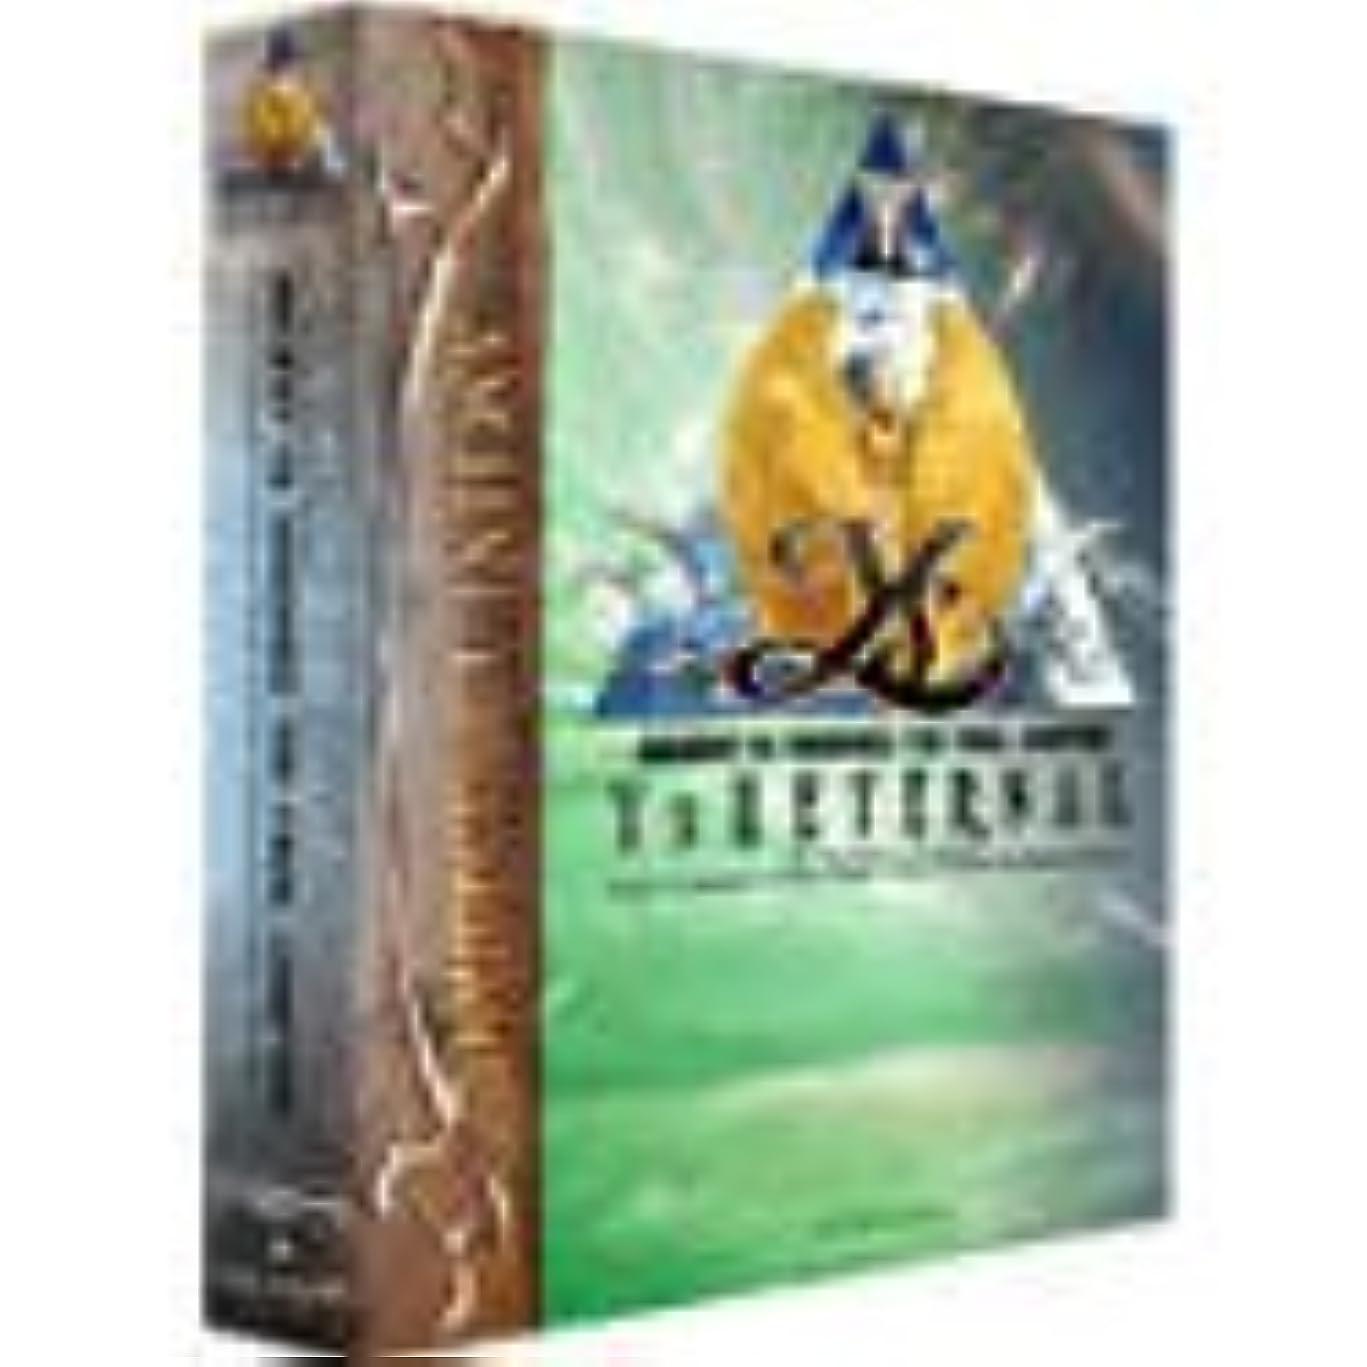 スズメバチ調停する手段Ys 2 Eternal DVD-ROM版